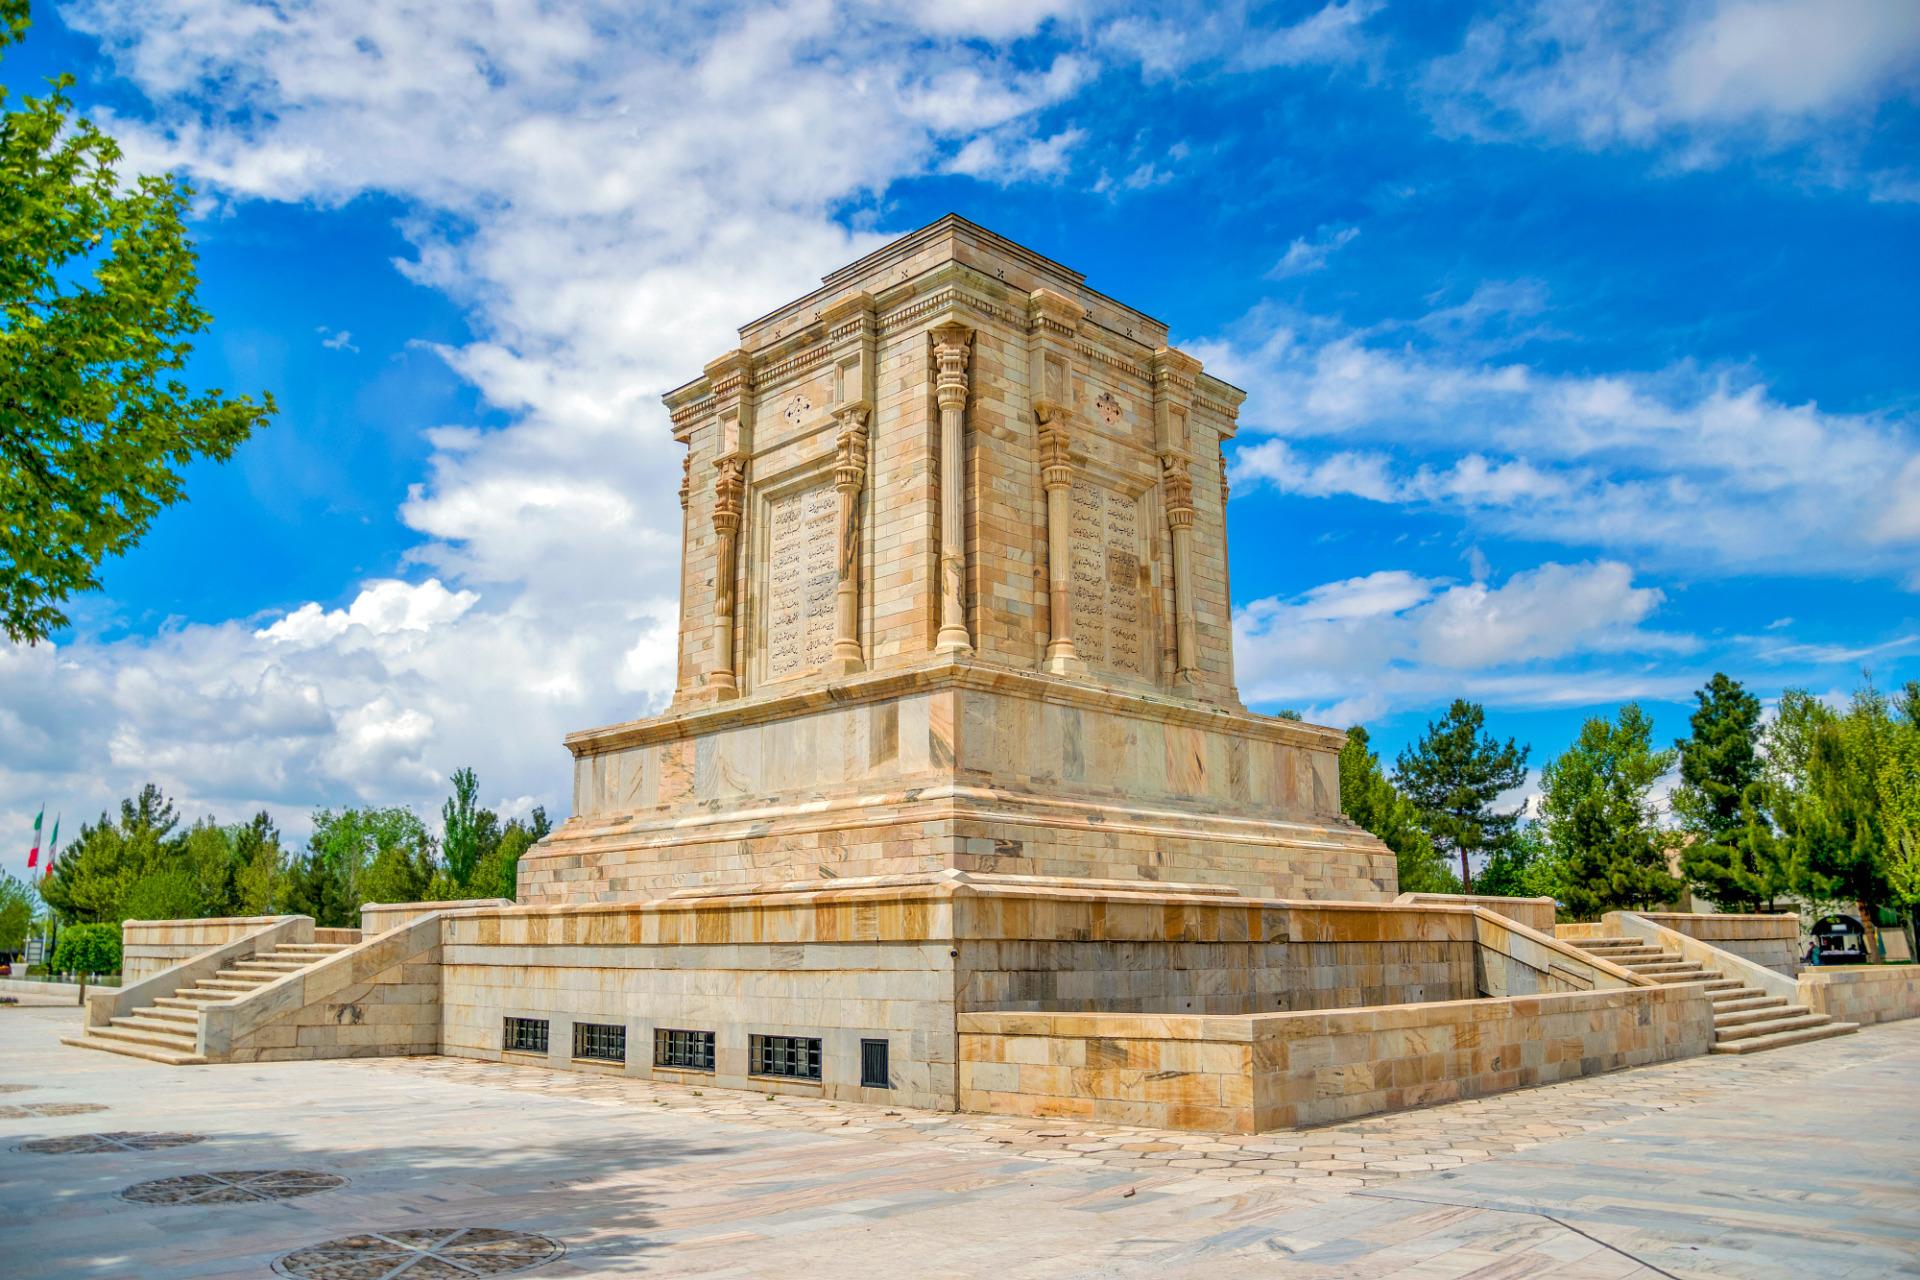 آرامگاه فردوسی؛ از فرازونشیبهای تاریخی تا ظاهر امروزی بنا